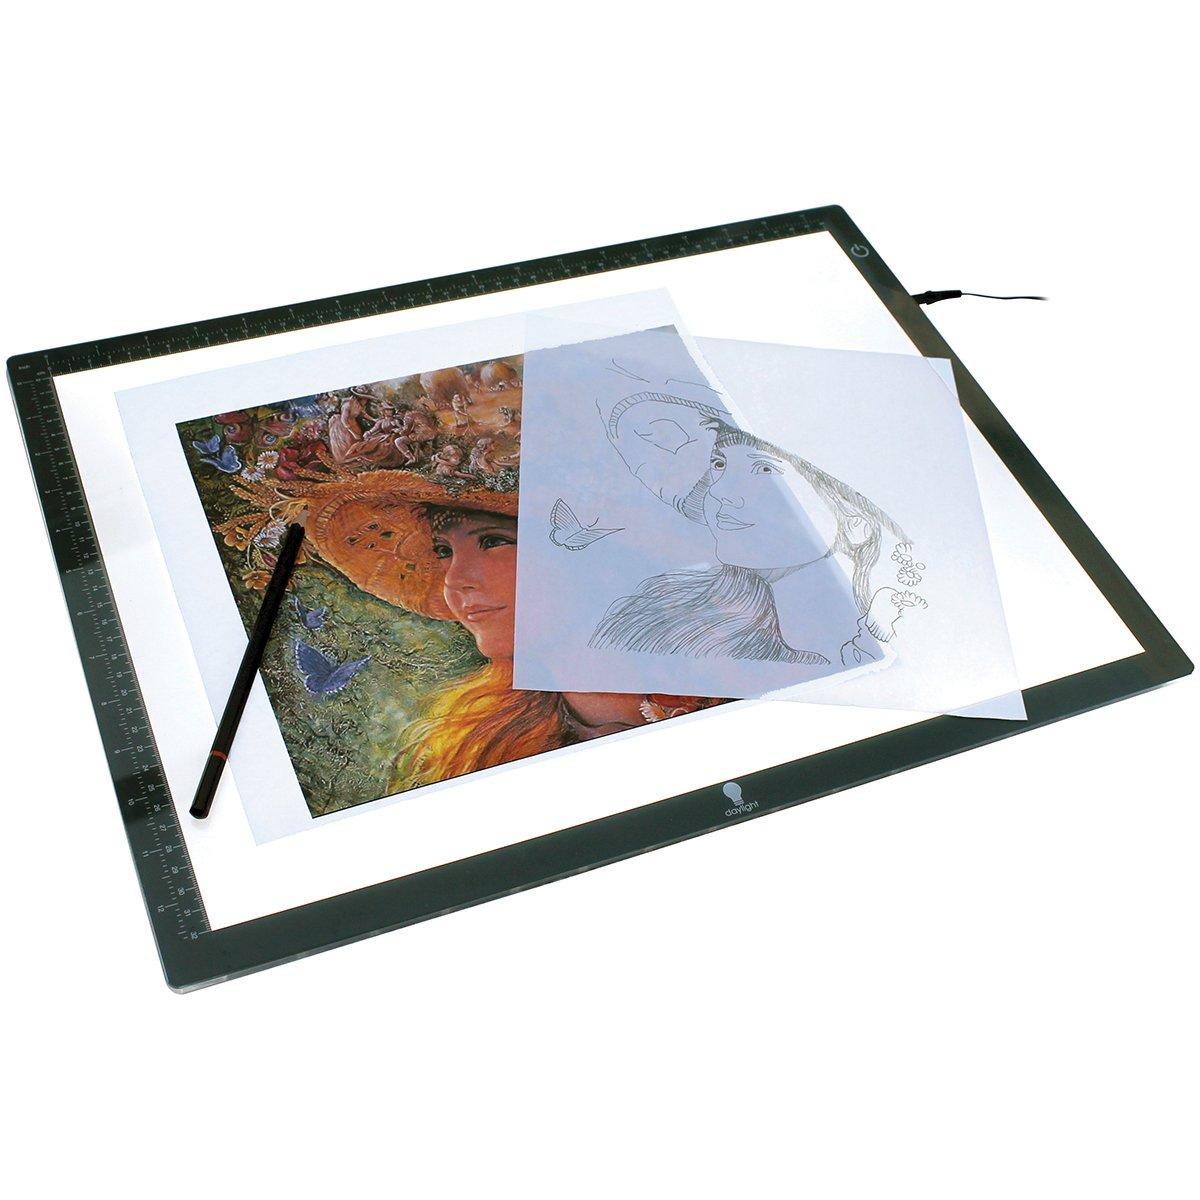 Daylight Wafer 2 Lightbox by Daylight Company LLC